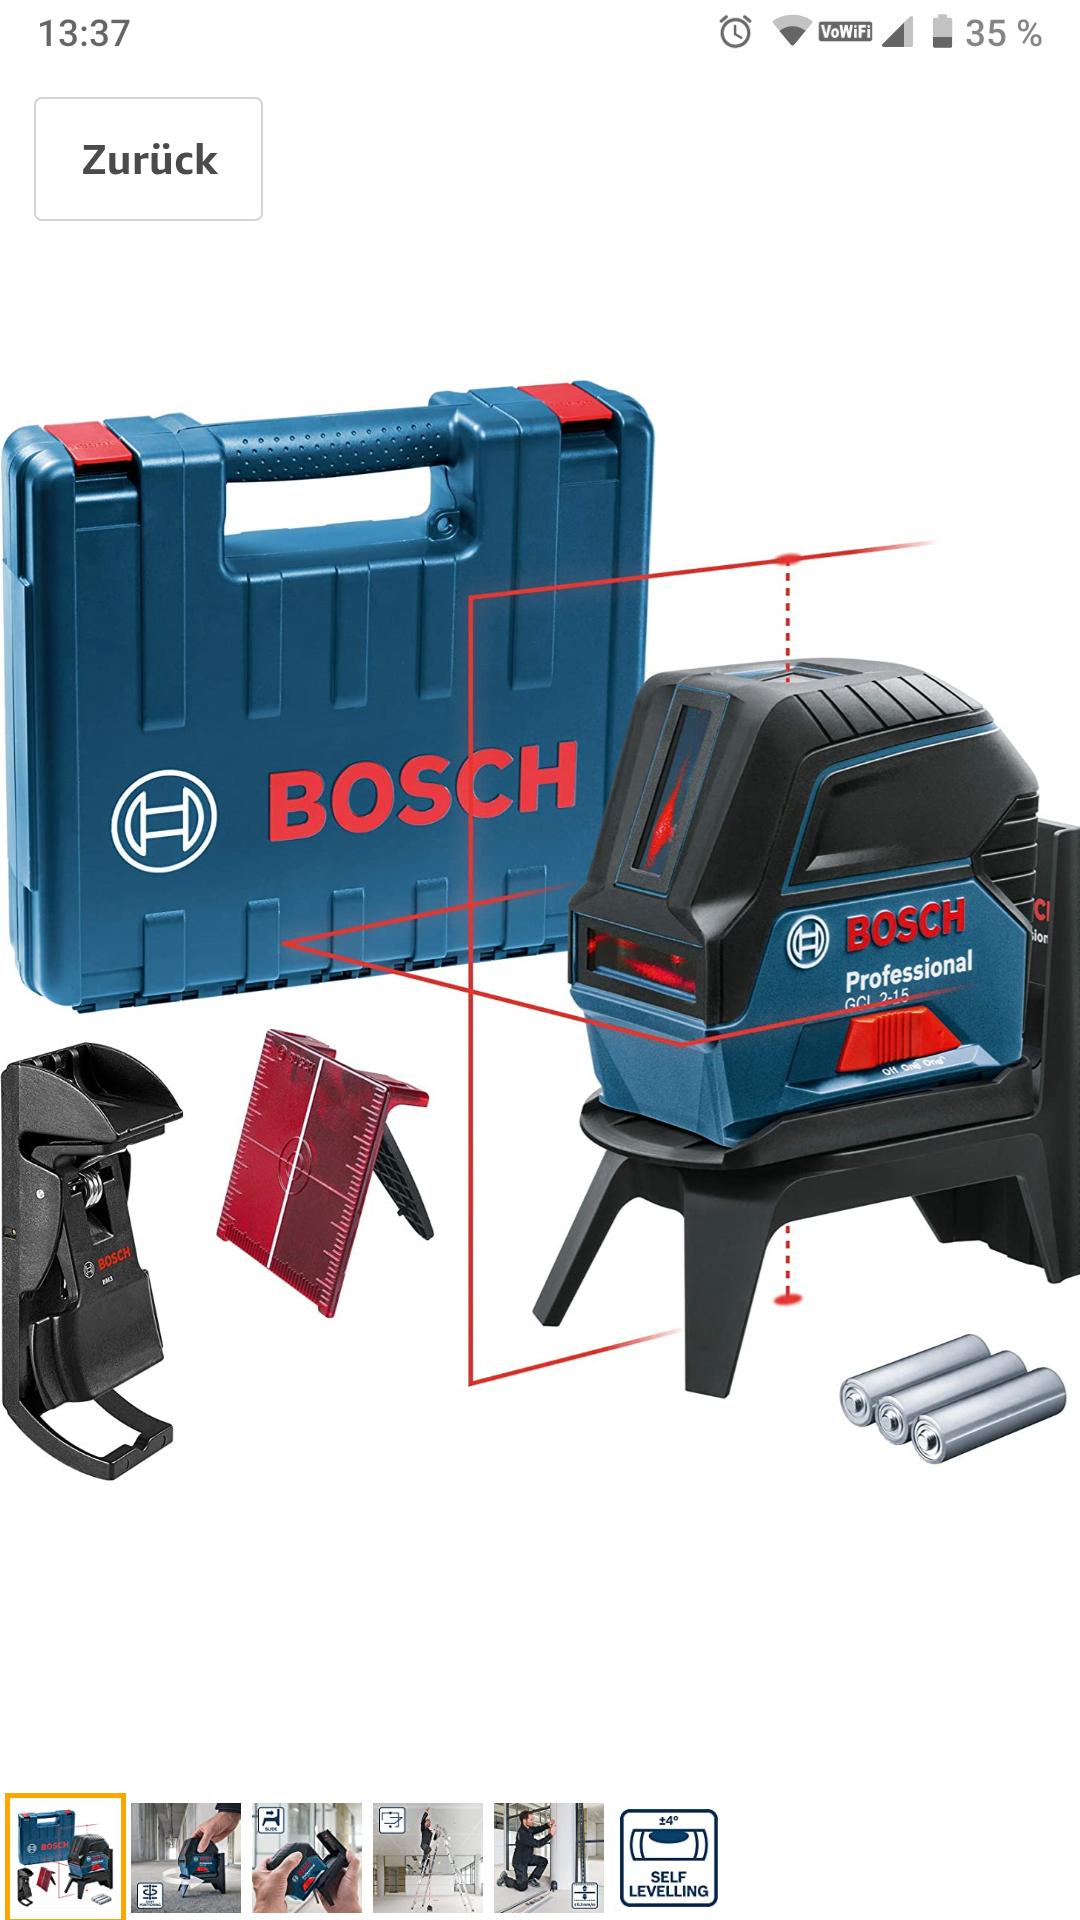 Bosch Professional Kreuzlinienlaser GCL 2-15 mit viel Zubehör (bitte Beschreibung lesen!!!) best Preis in diesem Set